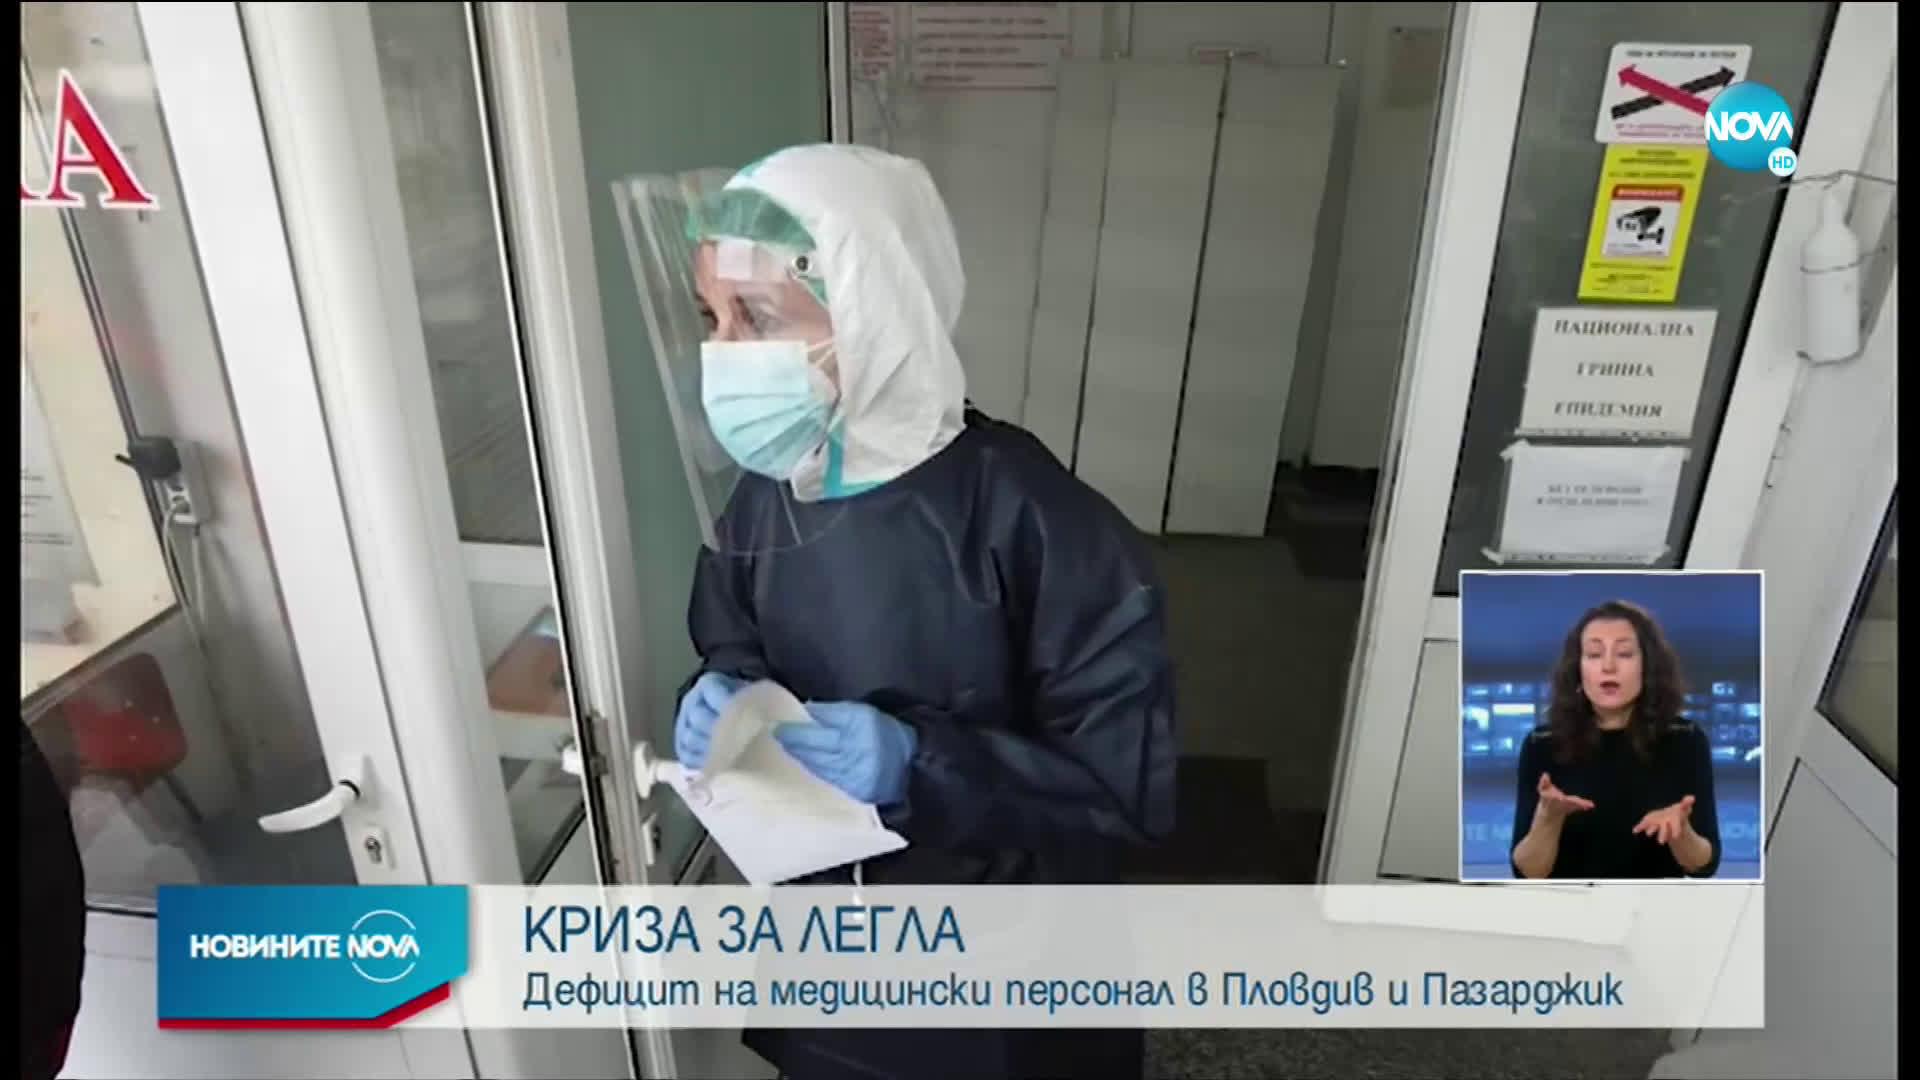 КРИЗА ЗА МЕДИЦИНСКИ СПЕЦИАЛИСТИ: Апел за помощ от болницата в Пазарджик